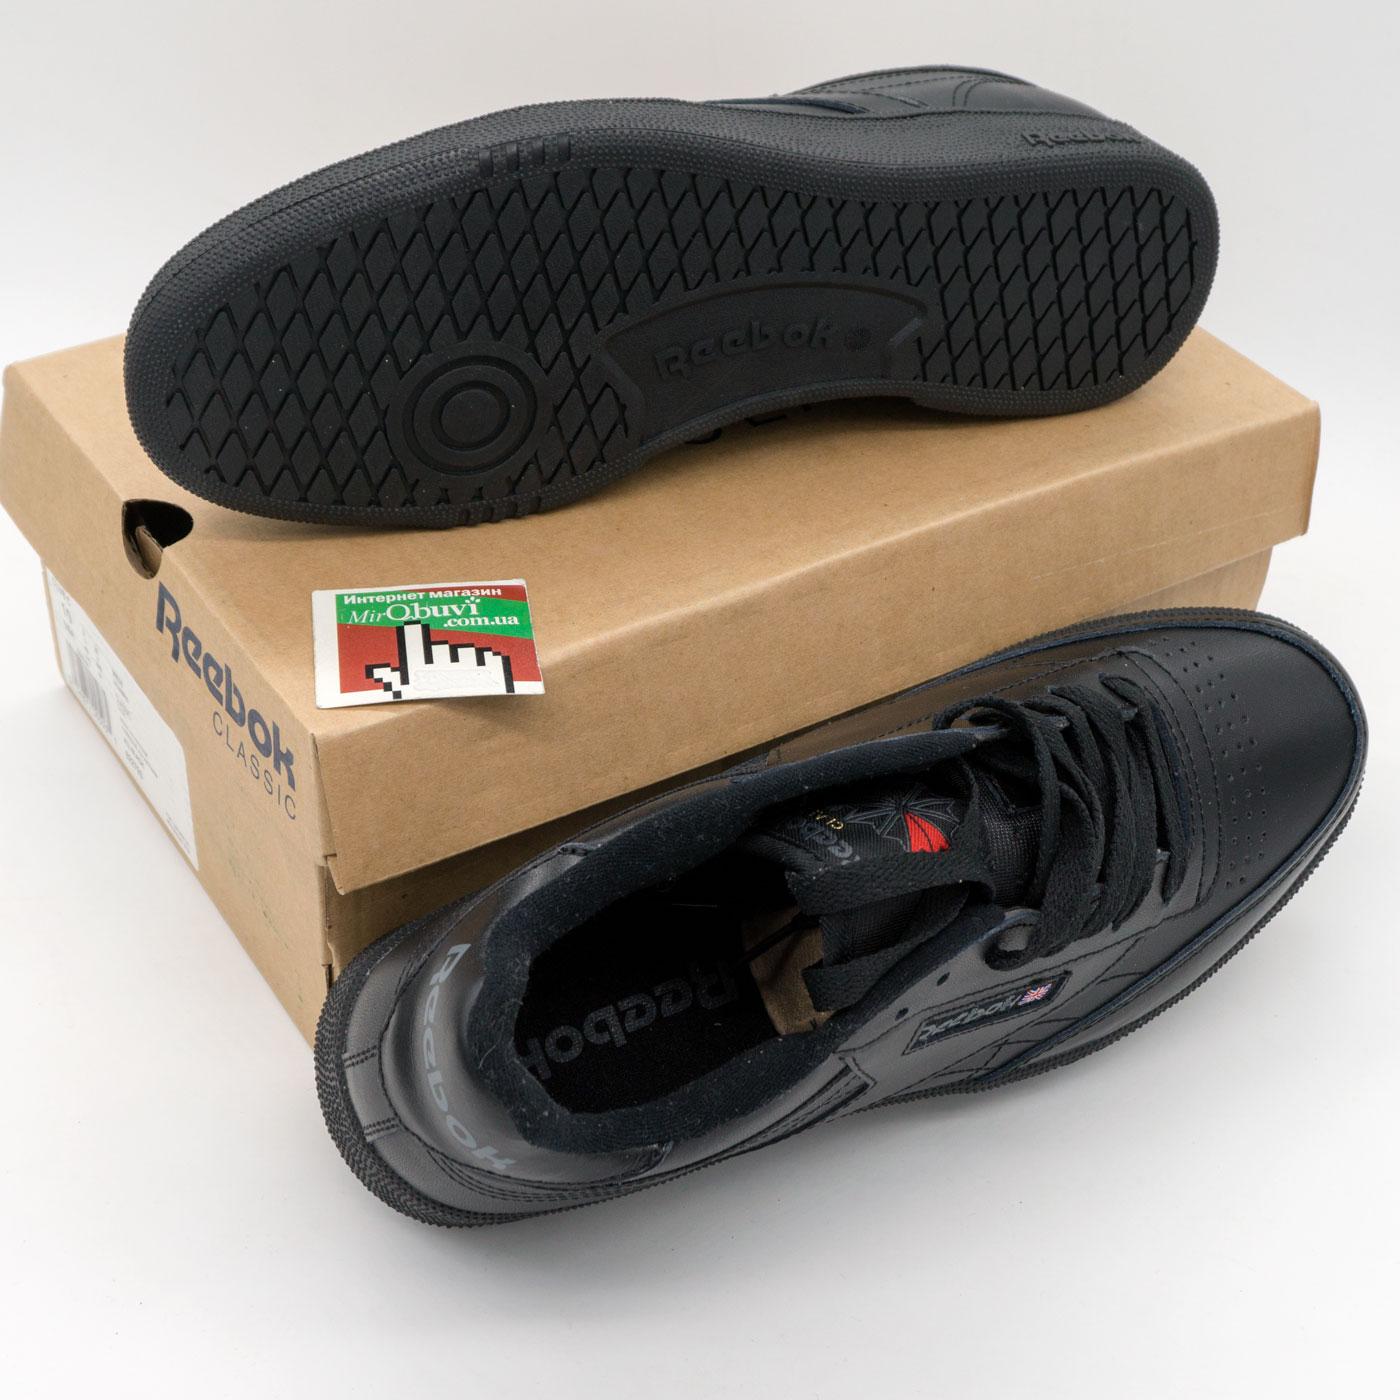 фото bottom Мужские кроссовки Reebok Сlassic Club C 85 черные, натуральная кожа - Топ качество! bottom